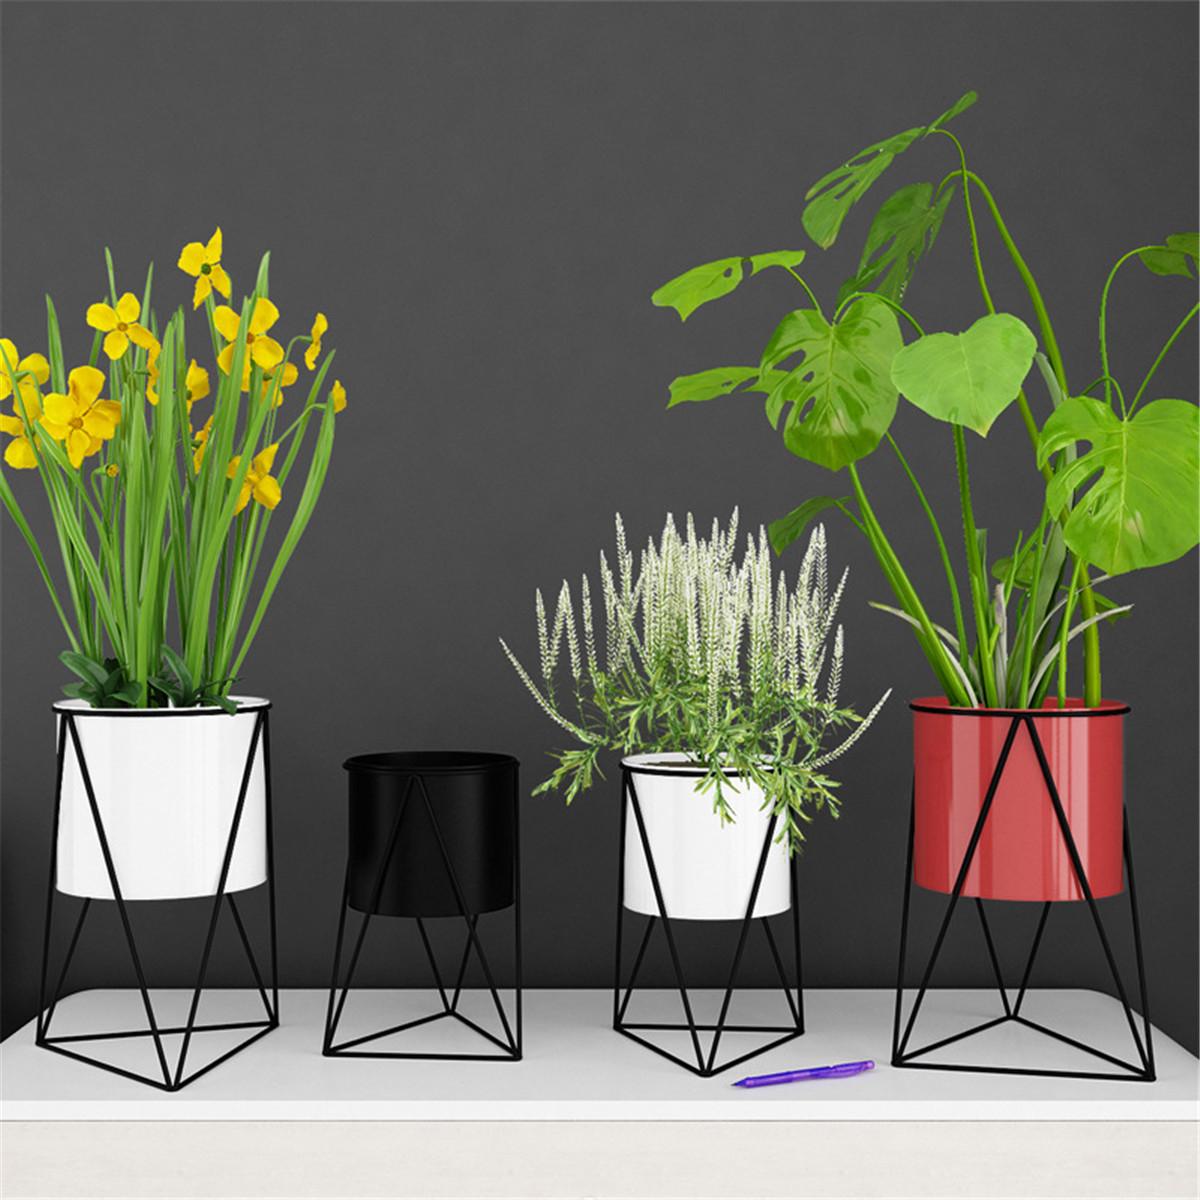 Геометрическая металлическая подставка для цветочного горшка Chic Крытый Сад Растение Держатель Дисплей Растениеer